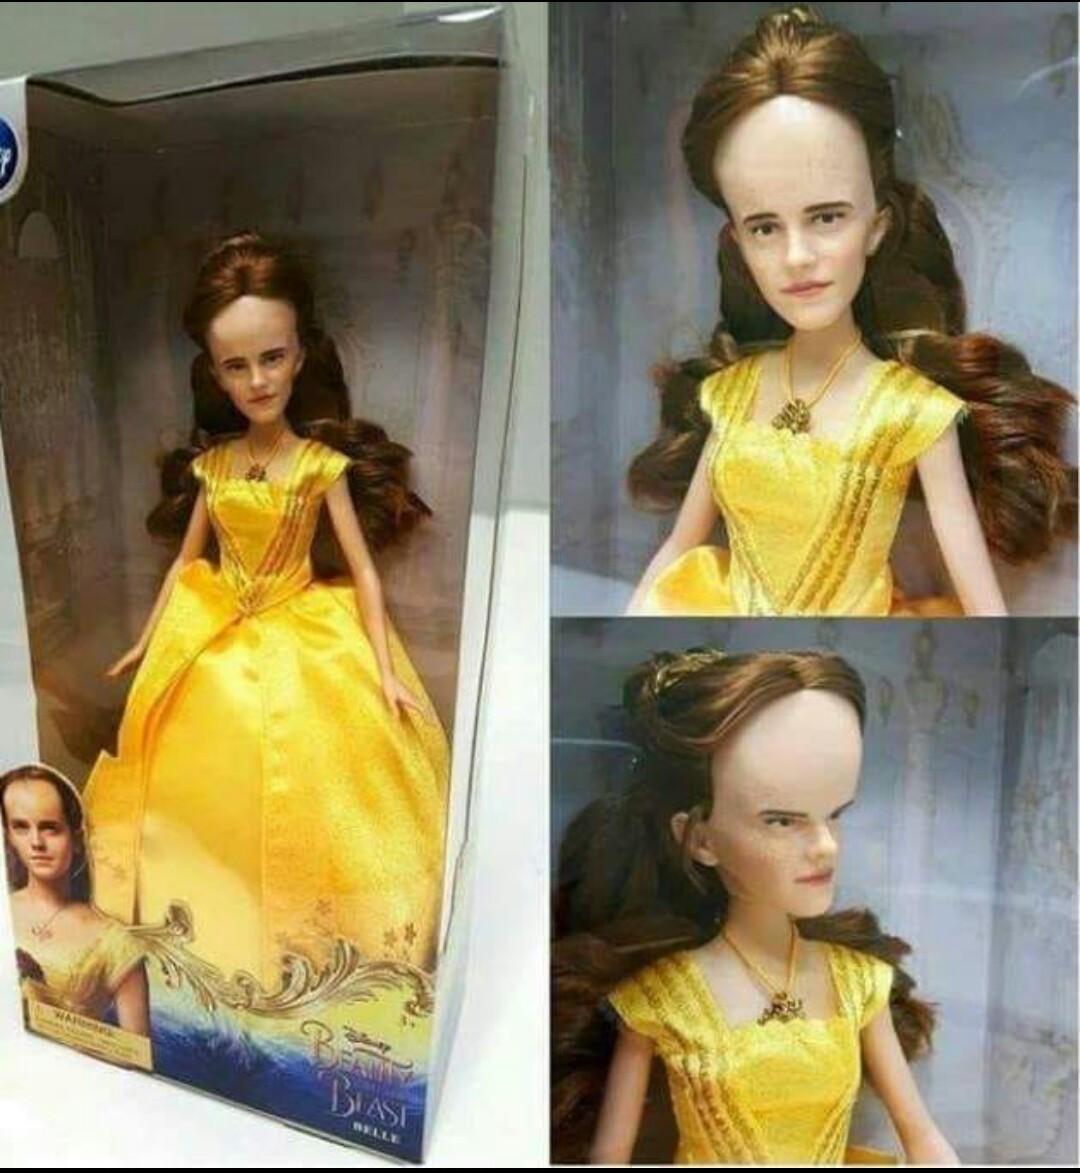 A verdadeira boneca da Larissa manoela - meme